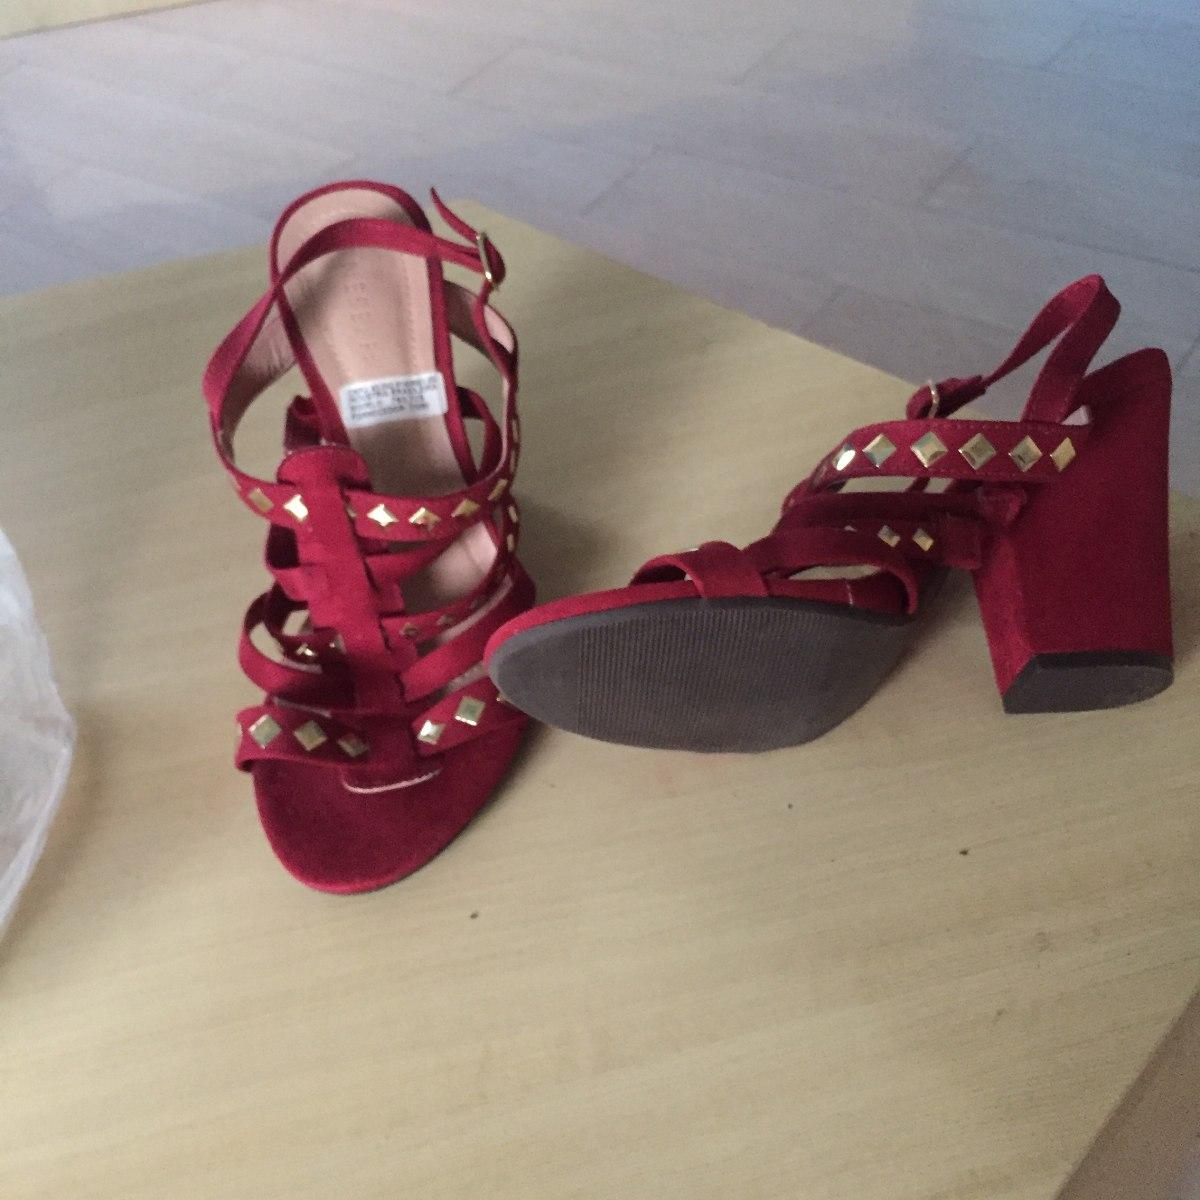 b78a1af10 sapatos de mostruario com 60%ou mais barato que na loja. Carregando zoom.